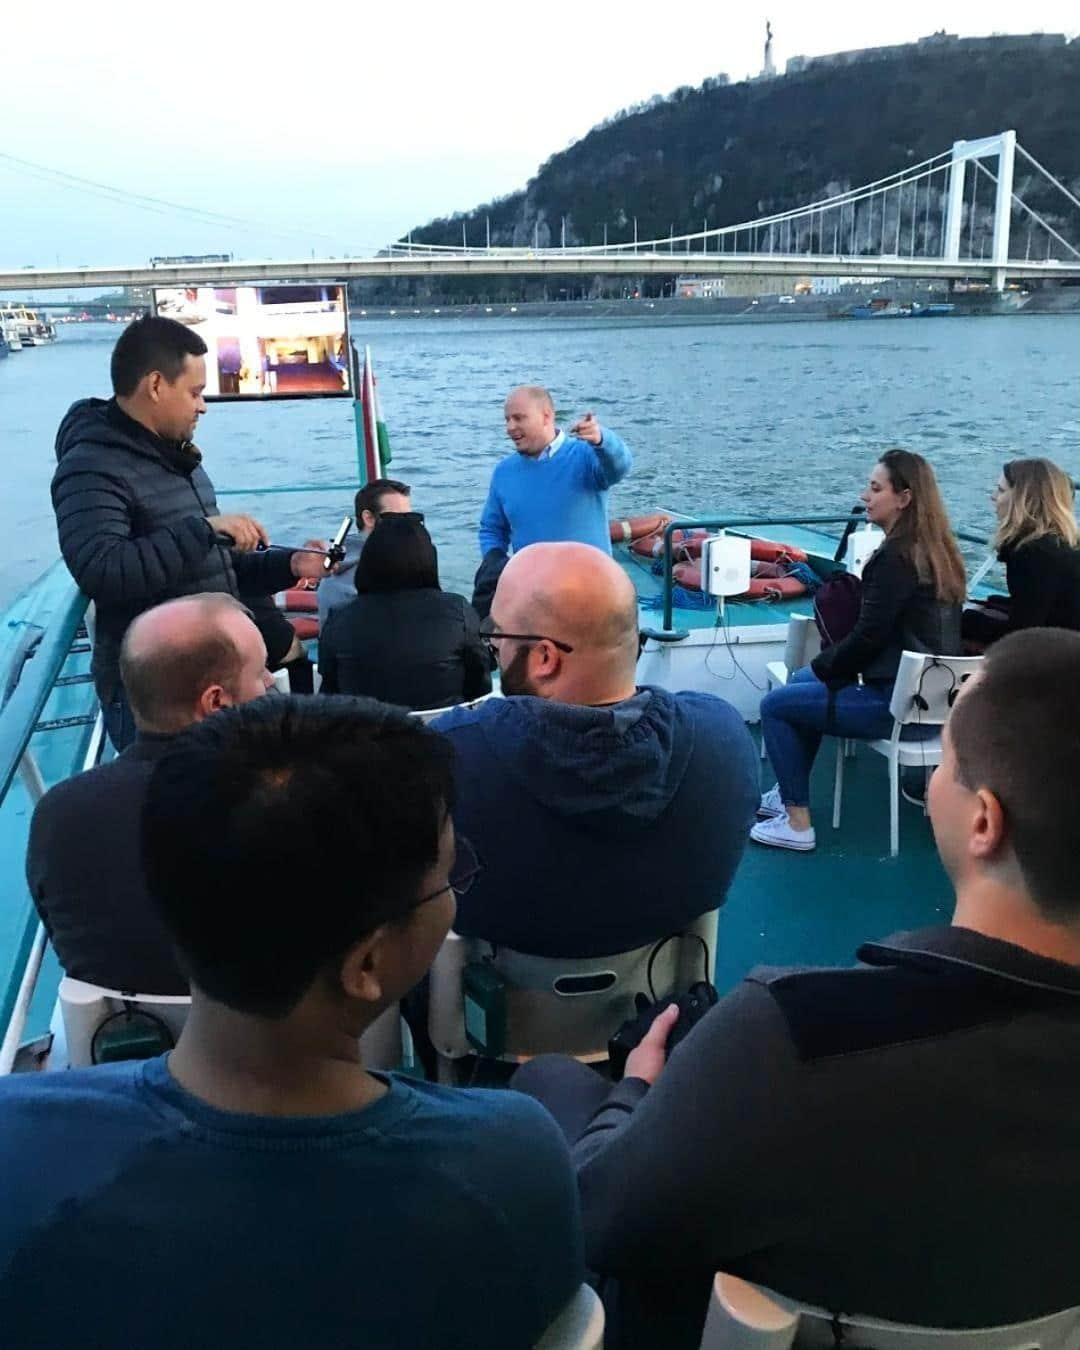 Het Kinsta-team op de Danube rivier